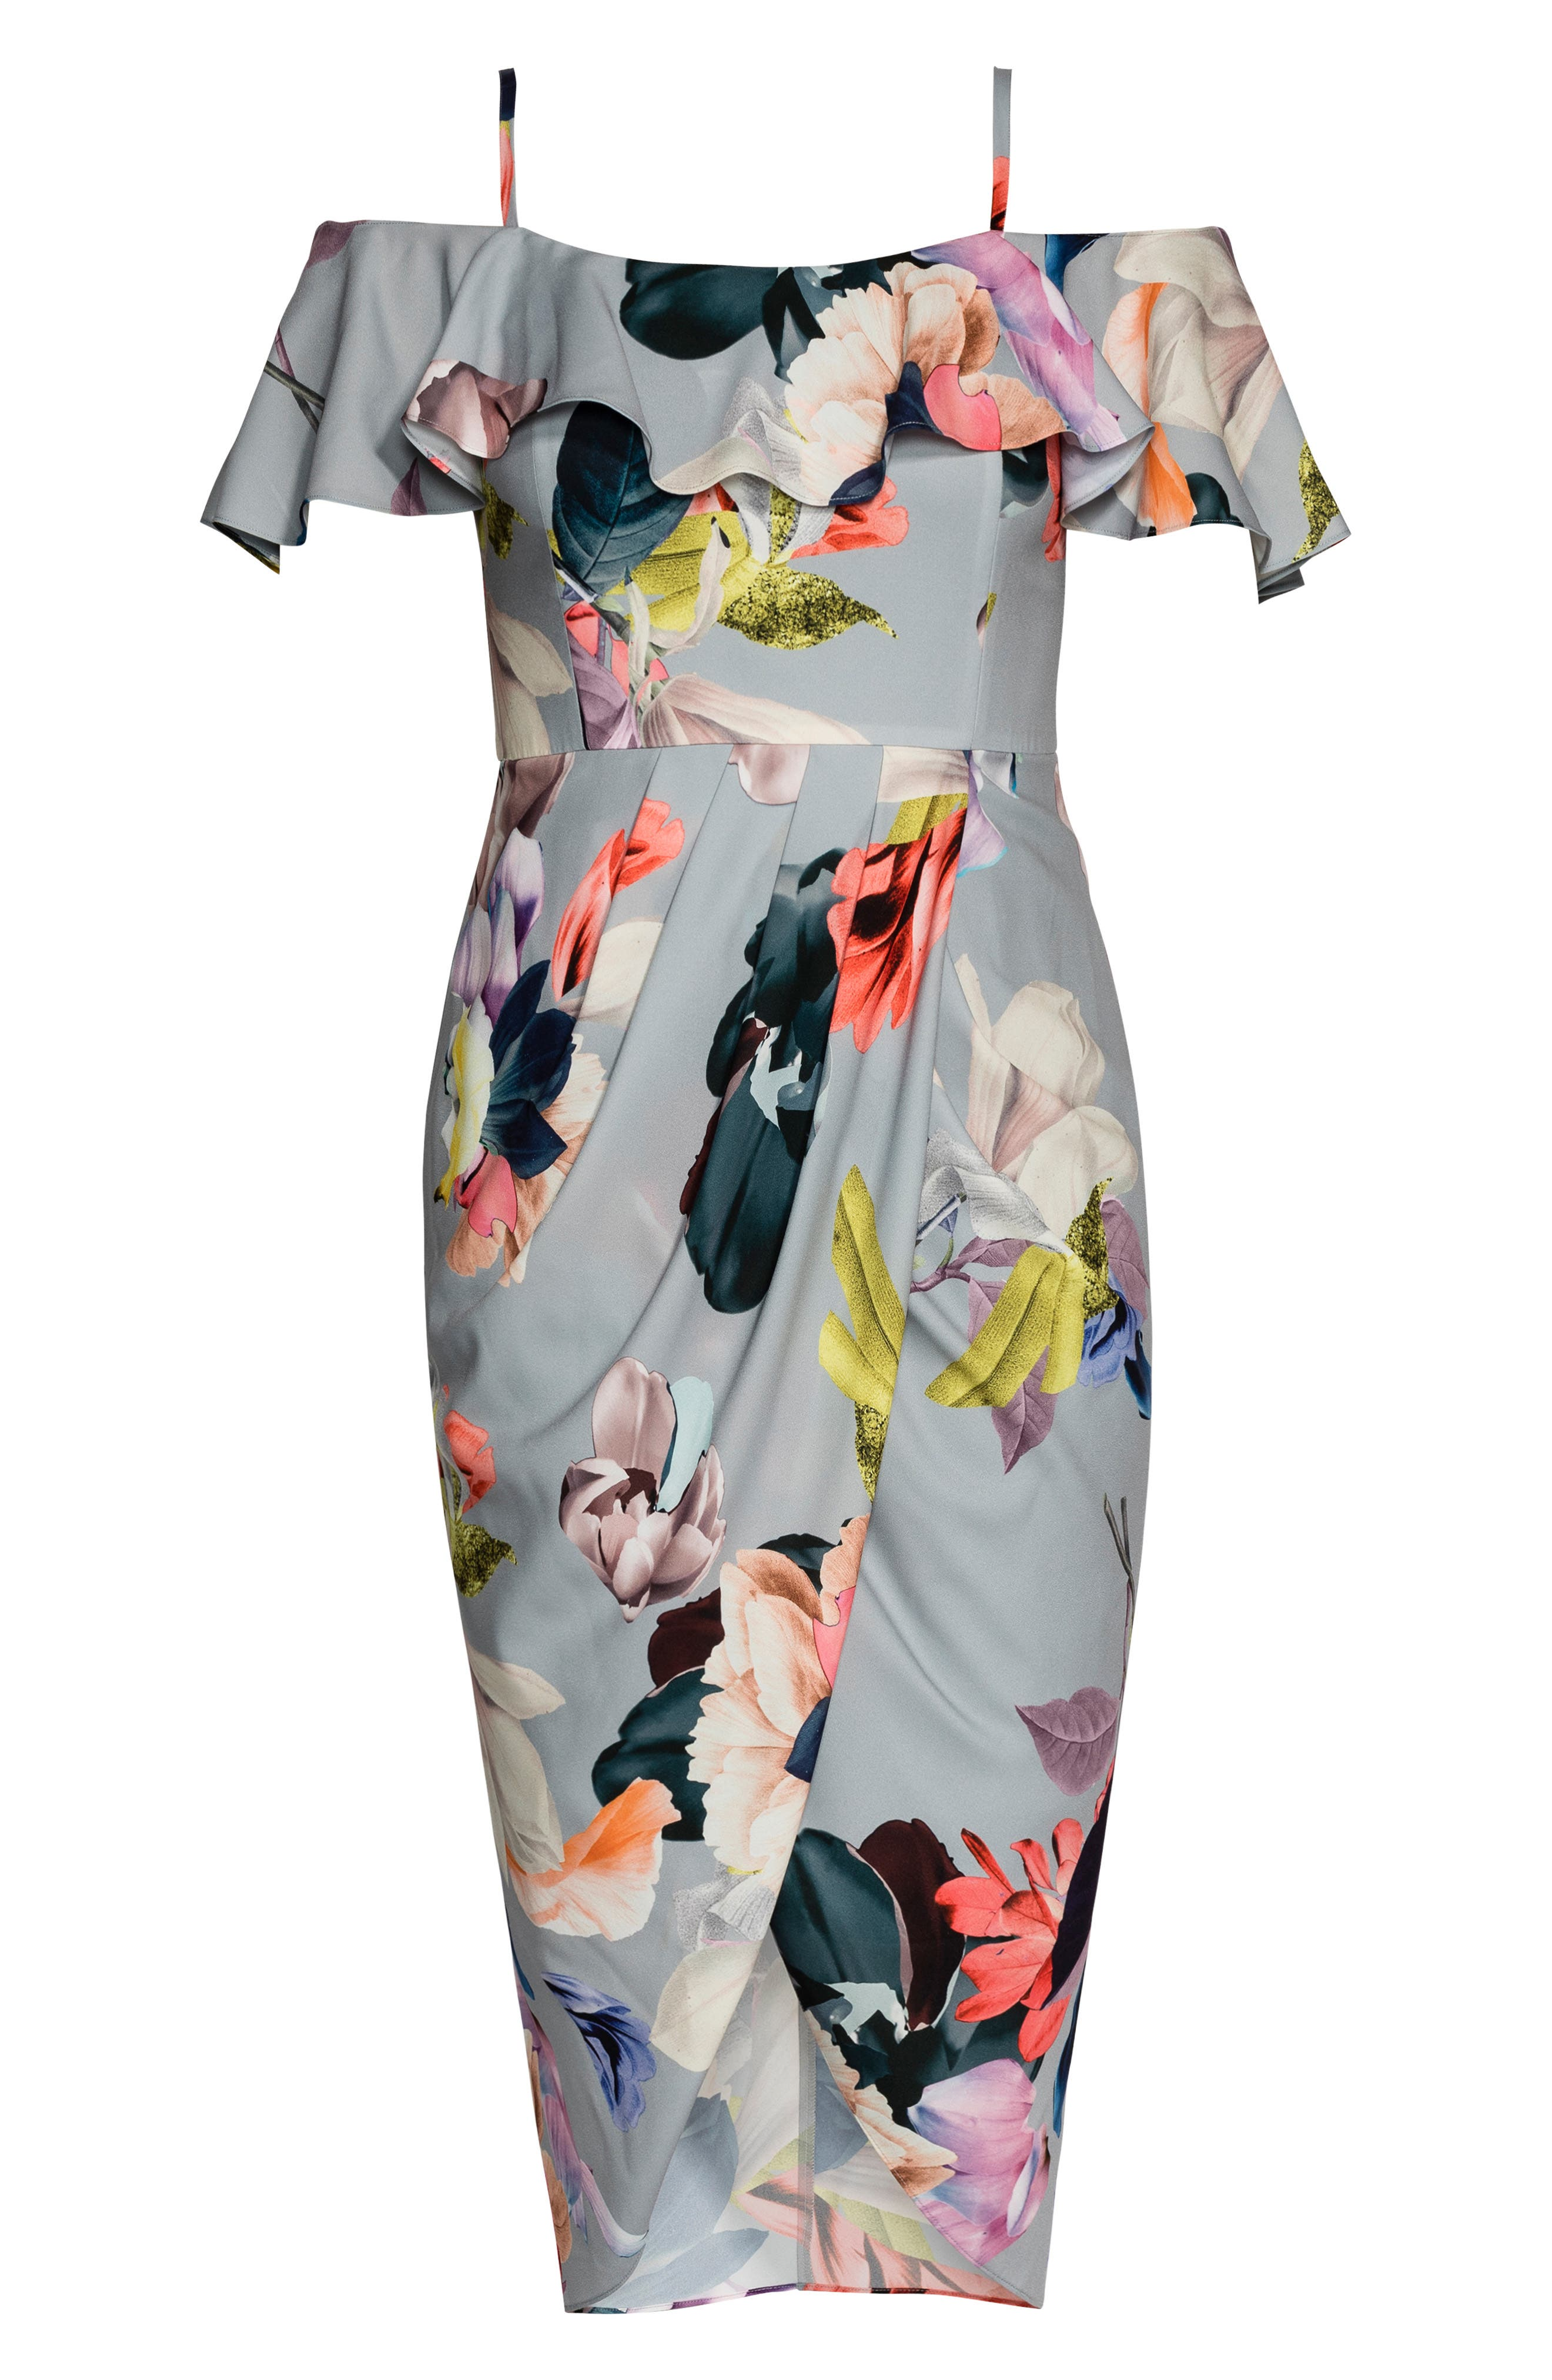 CITY CHIC, Contempo Cold Shoulder Floral Dress, Alternate thumbnail 3, color, CONTEMPORARY FL